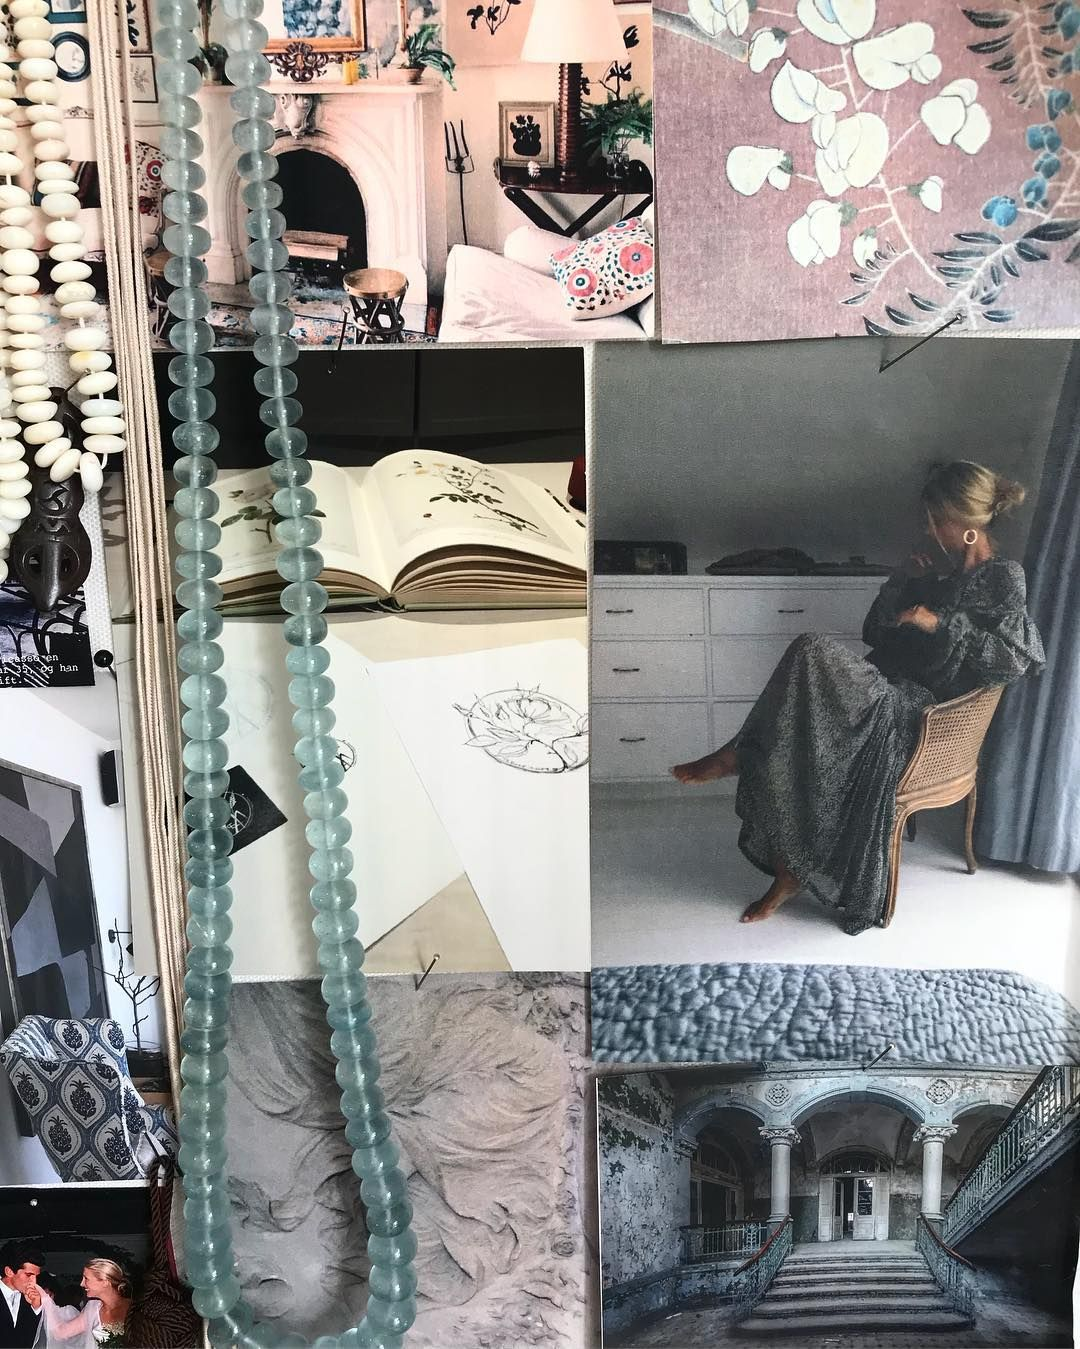 Sofia Lynggaard Normann Sofialynggaardn Instagram Billeder Og Videoer Jewellery Display Instagram Sofia